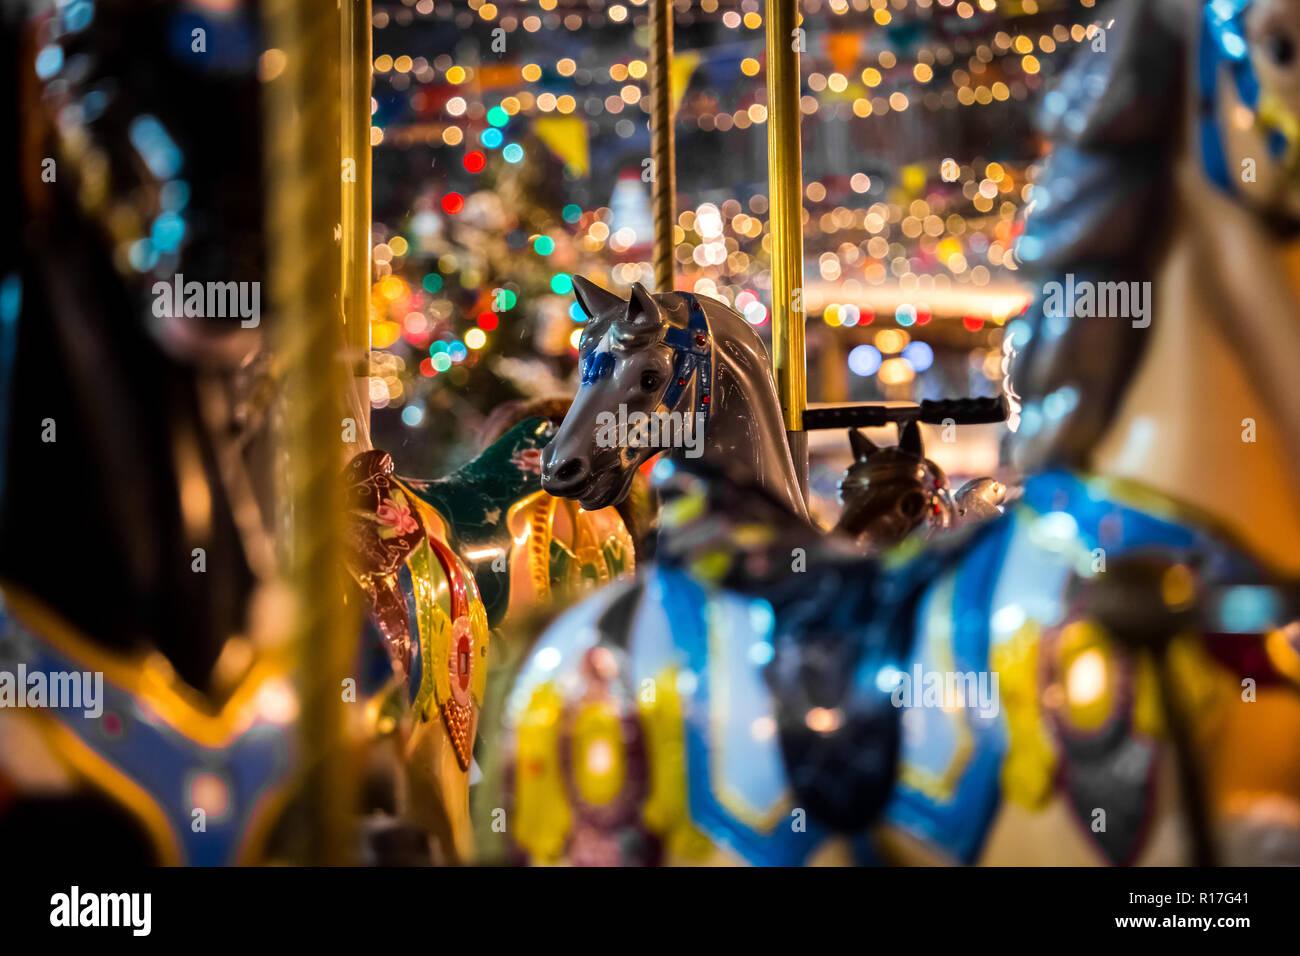 Immagini Di Natale Con Cavalli.Giostra Con Cavalli A Dondolo Sul Mercato Di Natale A Mosca